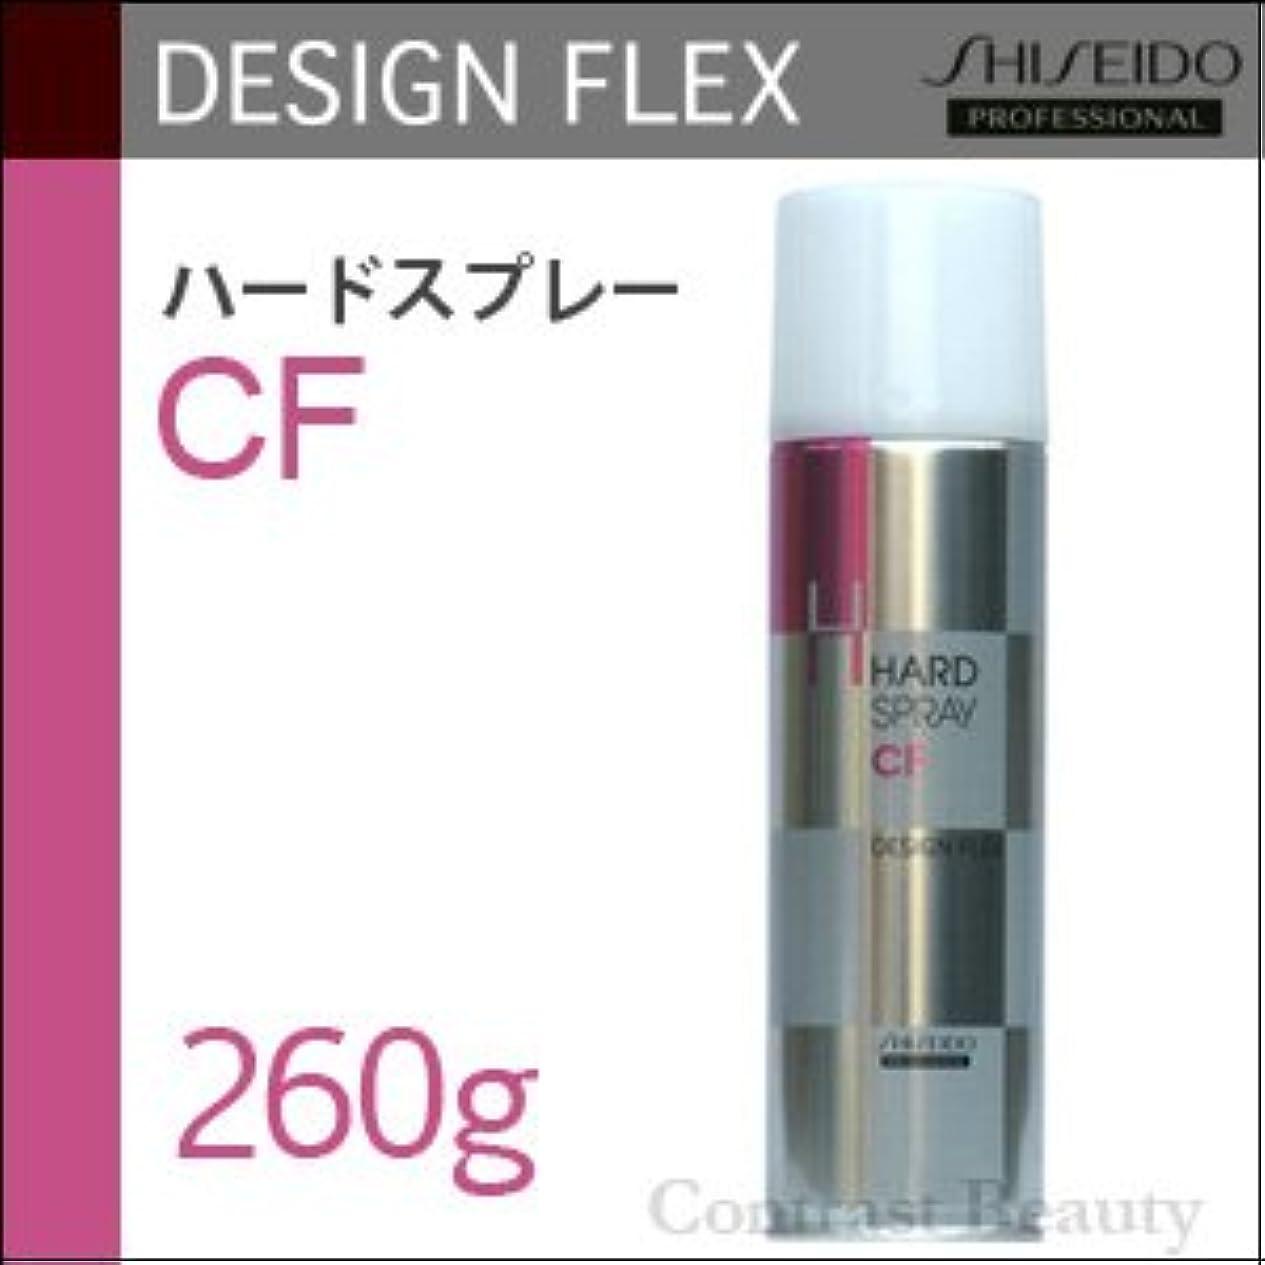 チーフウナギ泣いている【x2個セット】 資生堂 デザインフレックス ハードスプレーCF 260g